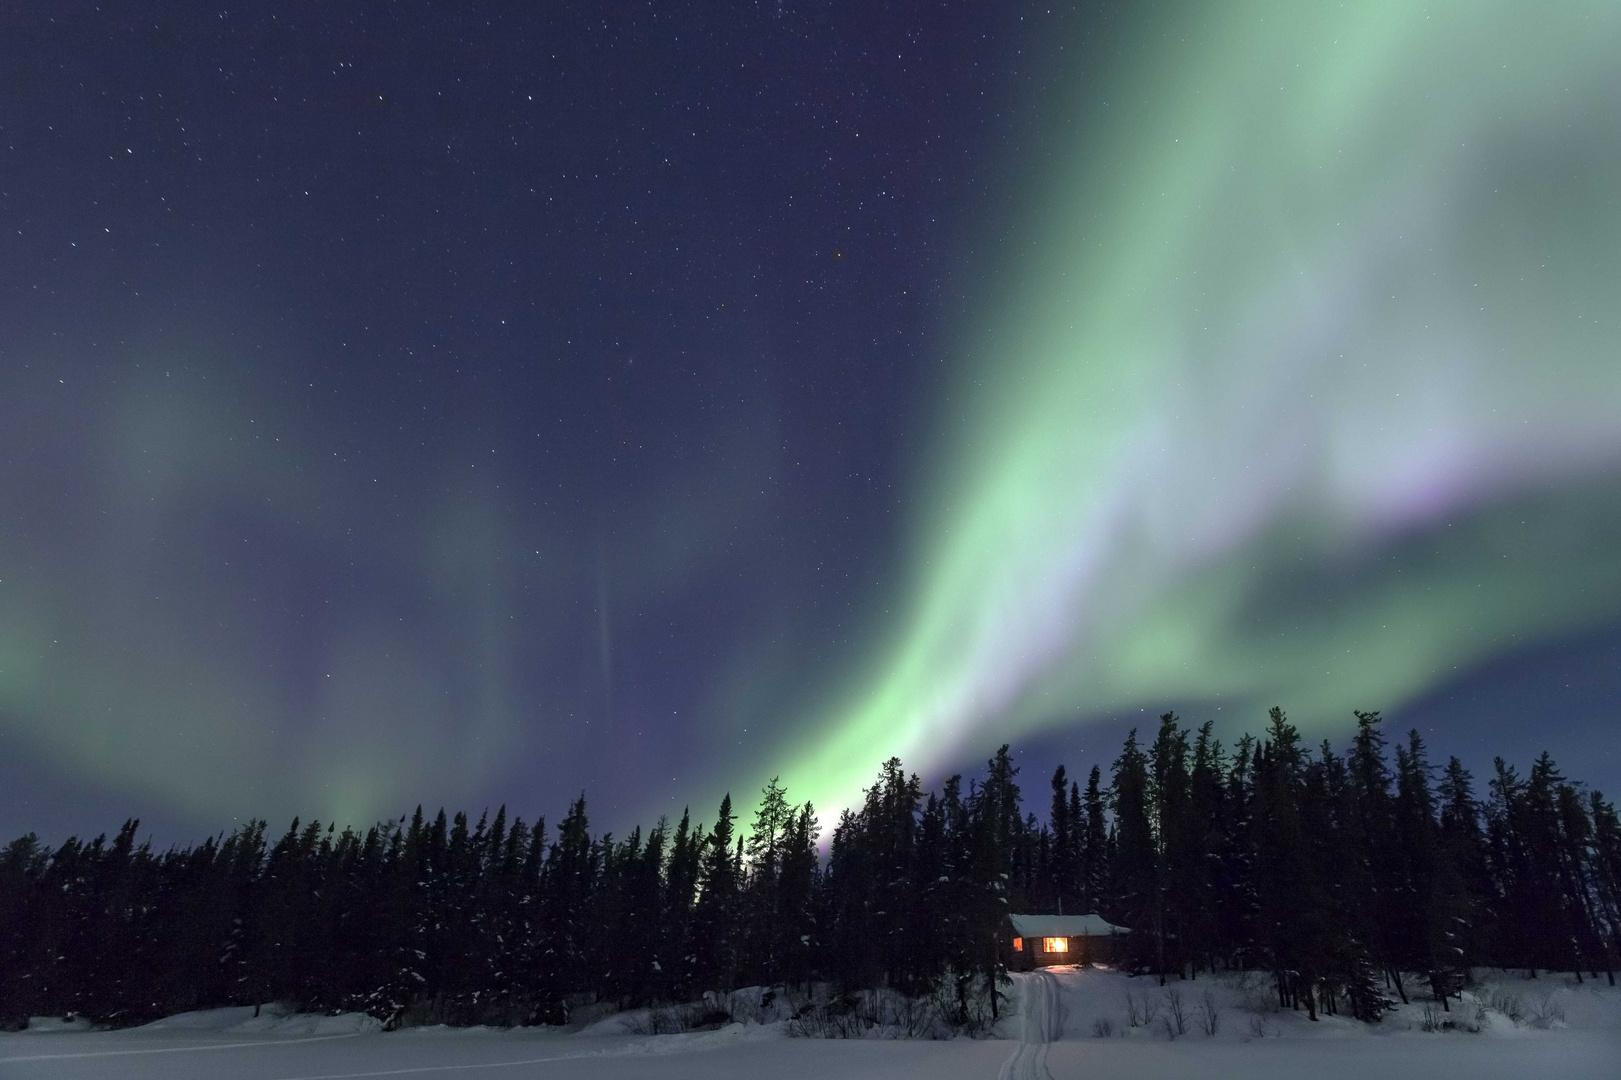 Nordlicht über meiner kleinen Hütte in Kanada